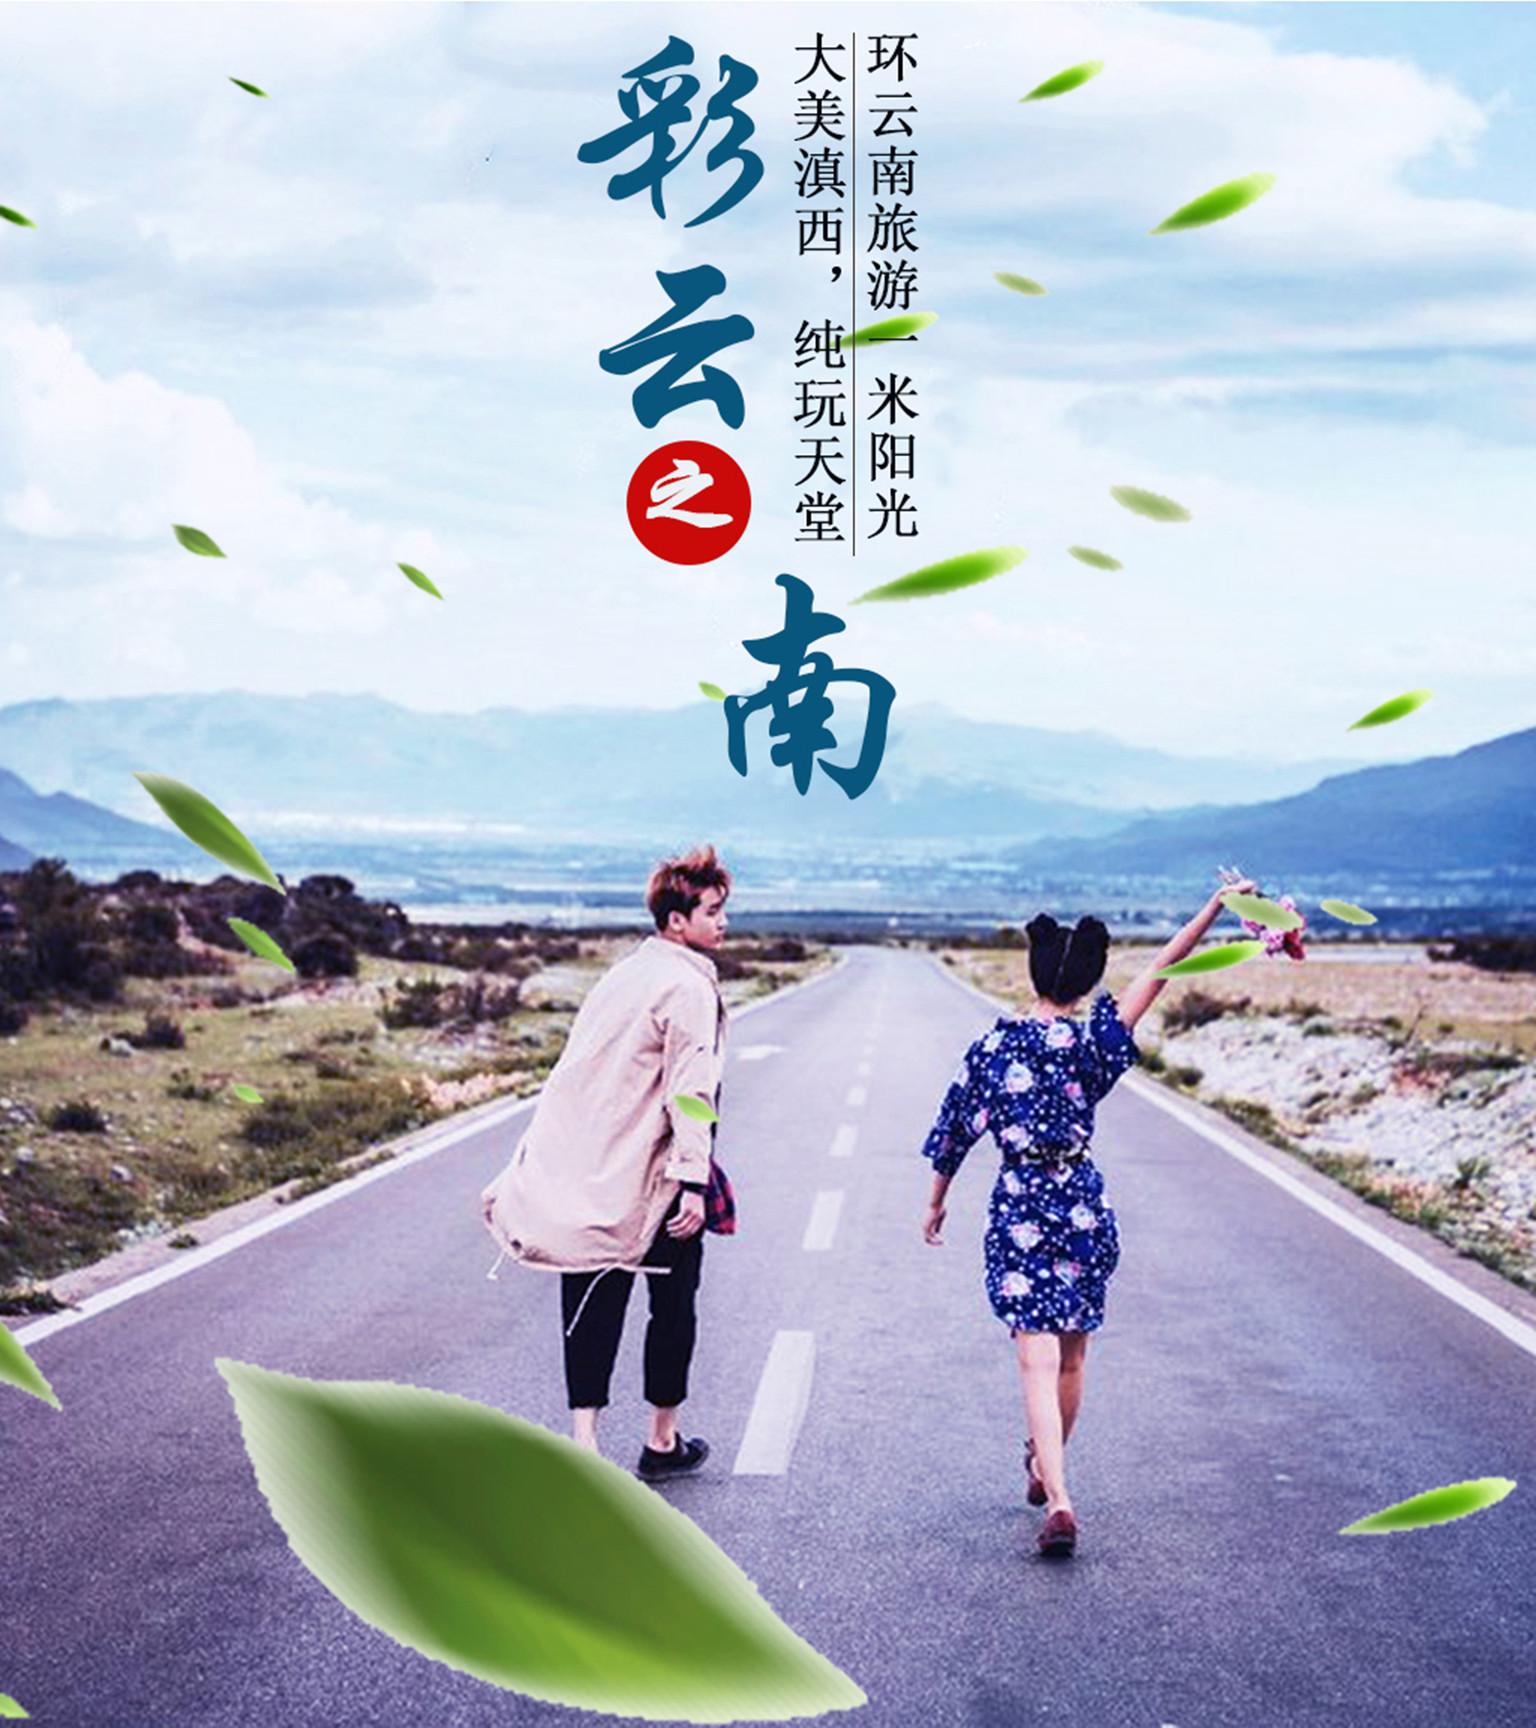 丽江-大理4晚5日游>崇圣寺三塔,南诏风情岛,特别安排